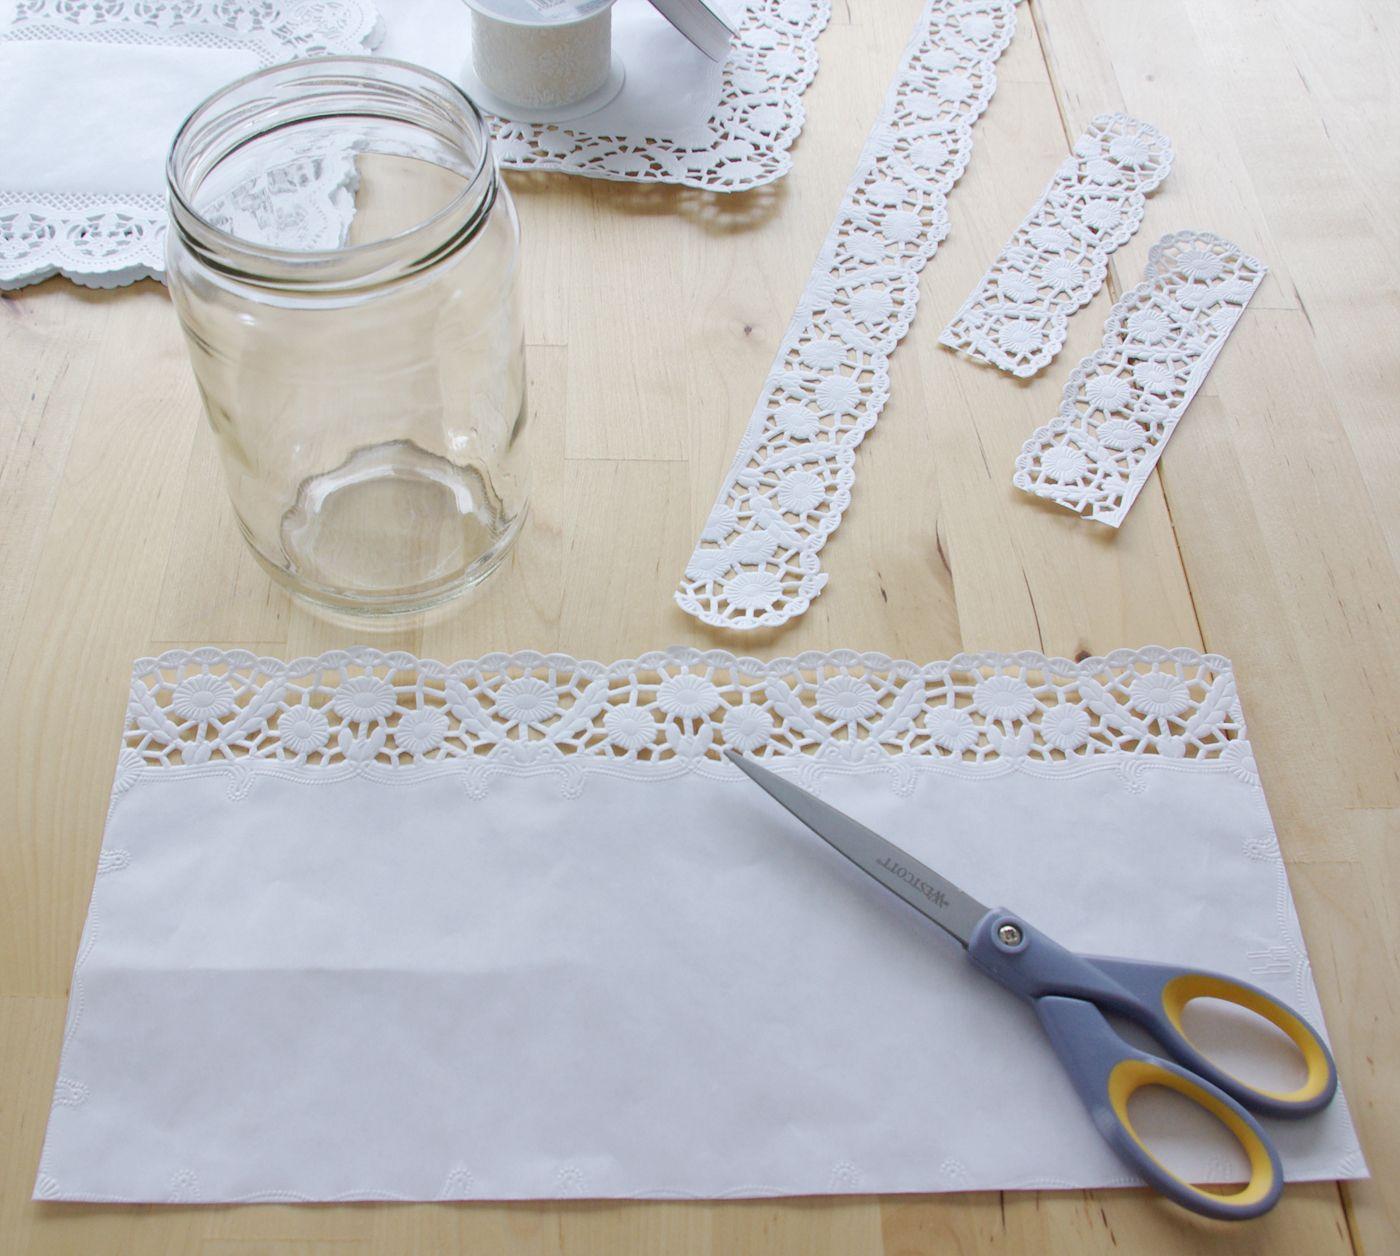 HochzeitsSpecial Windlichter Kerzen Deko Glas Spitze DIY Anleitung Variante 1 Material  diy